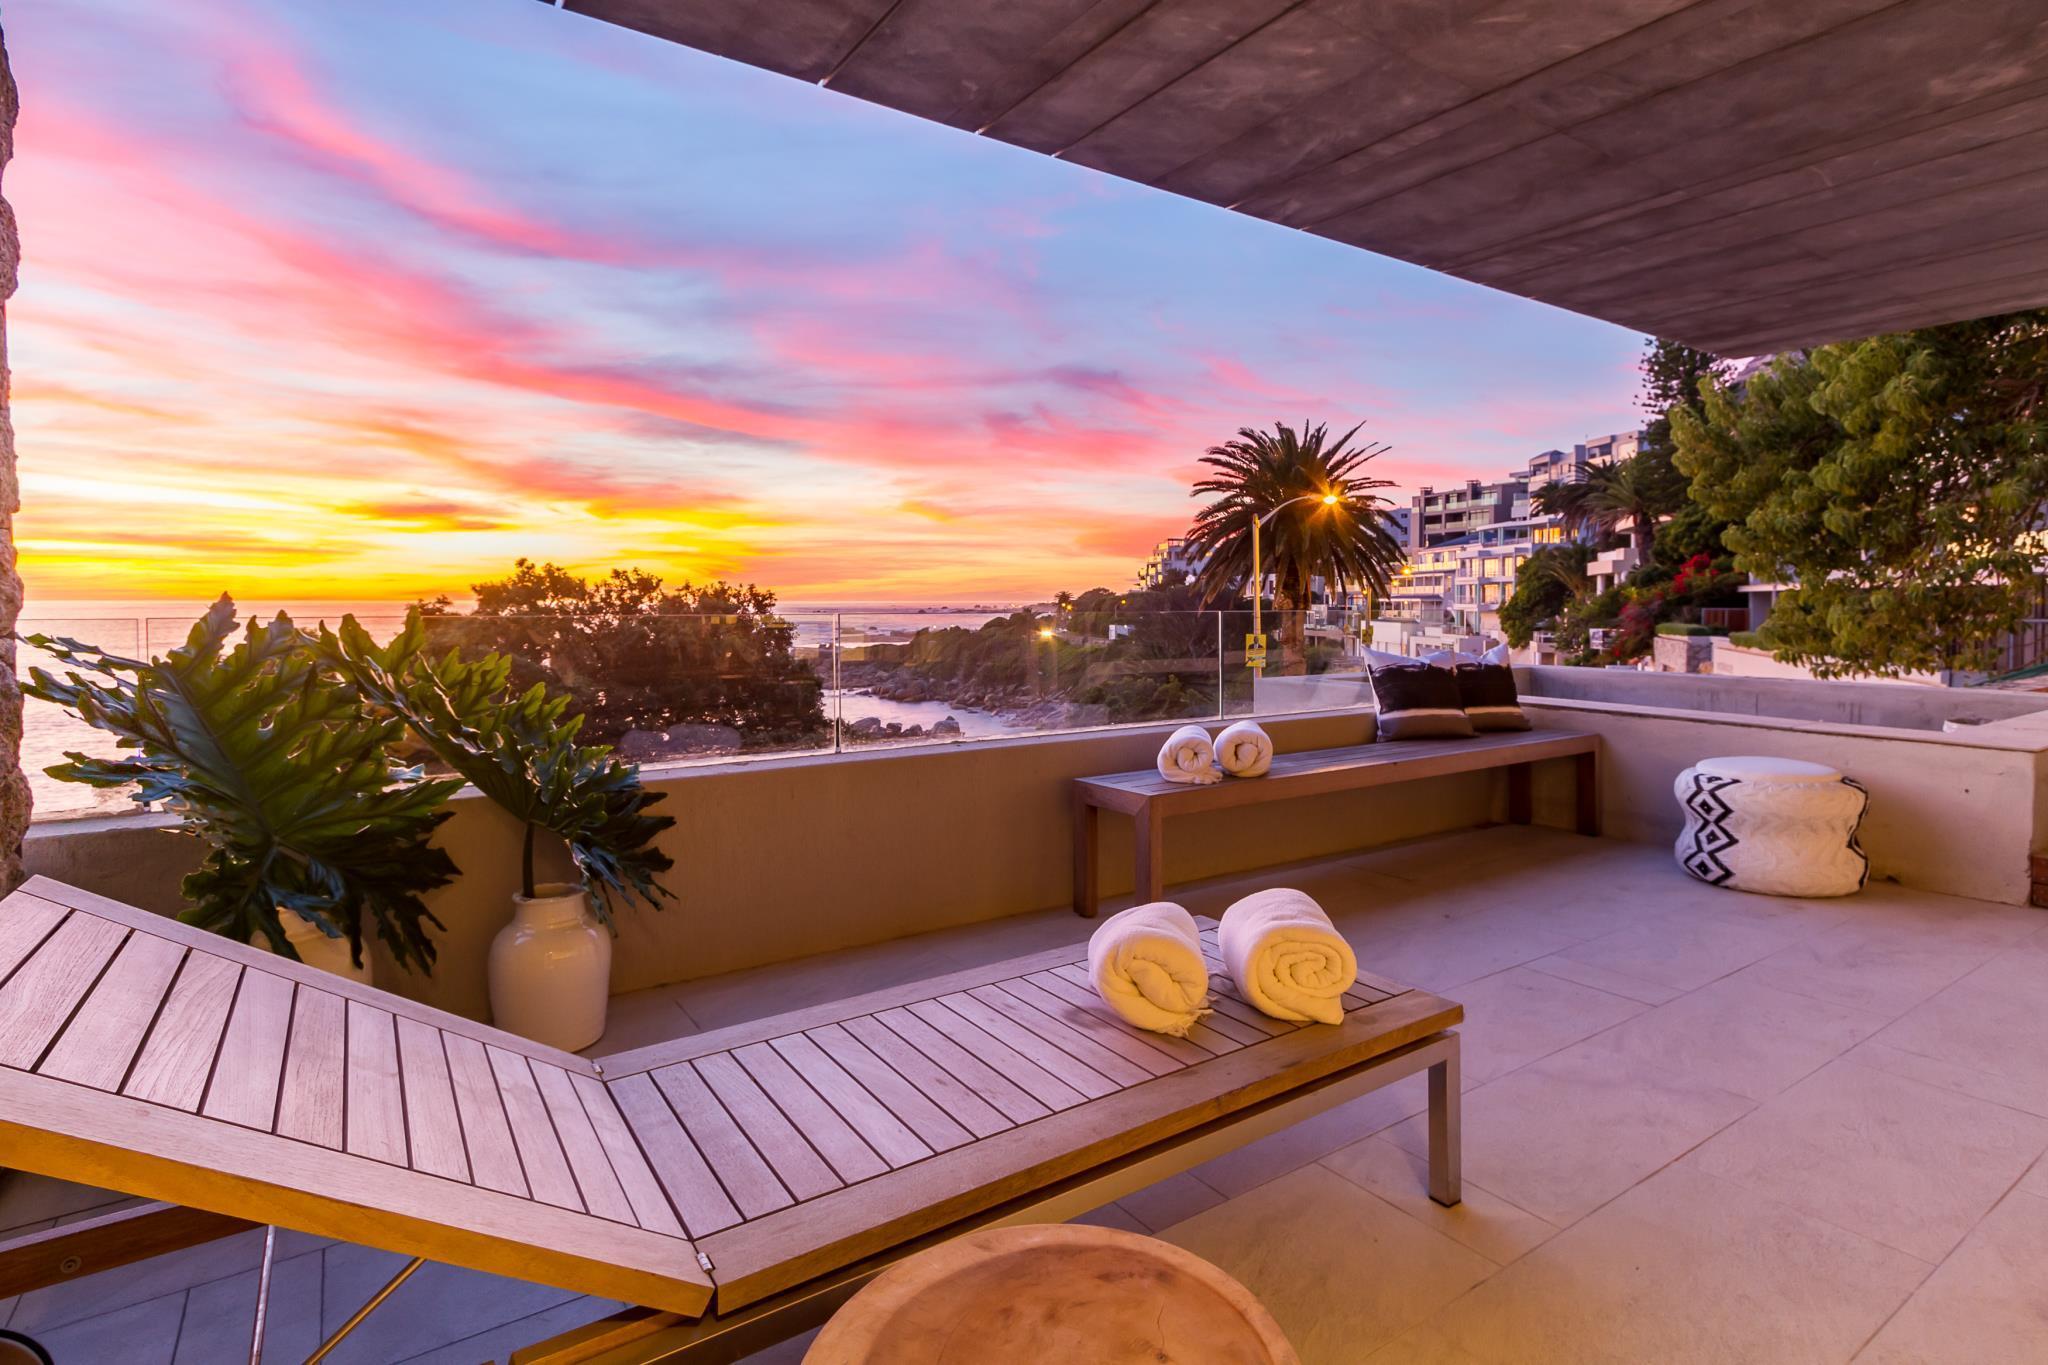 Lillamton Private Luxuxry Villa Style Accom